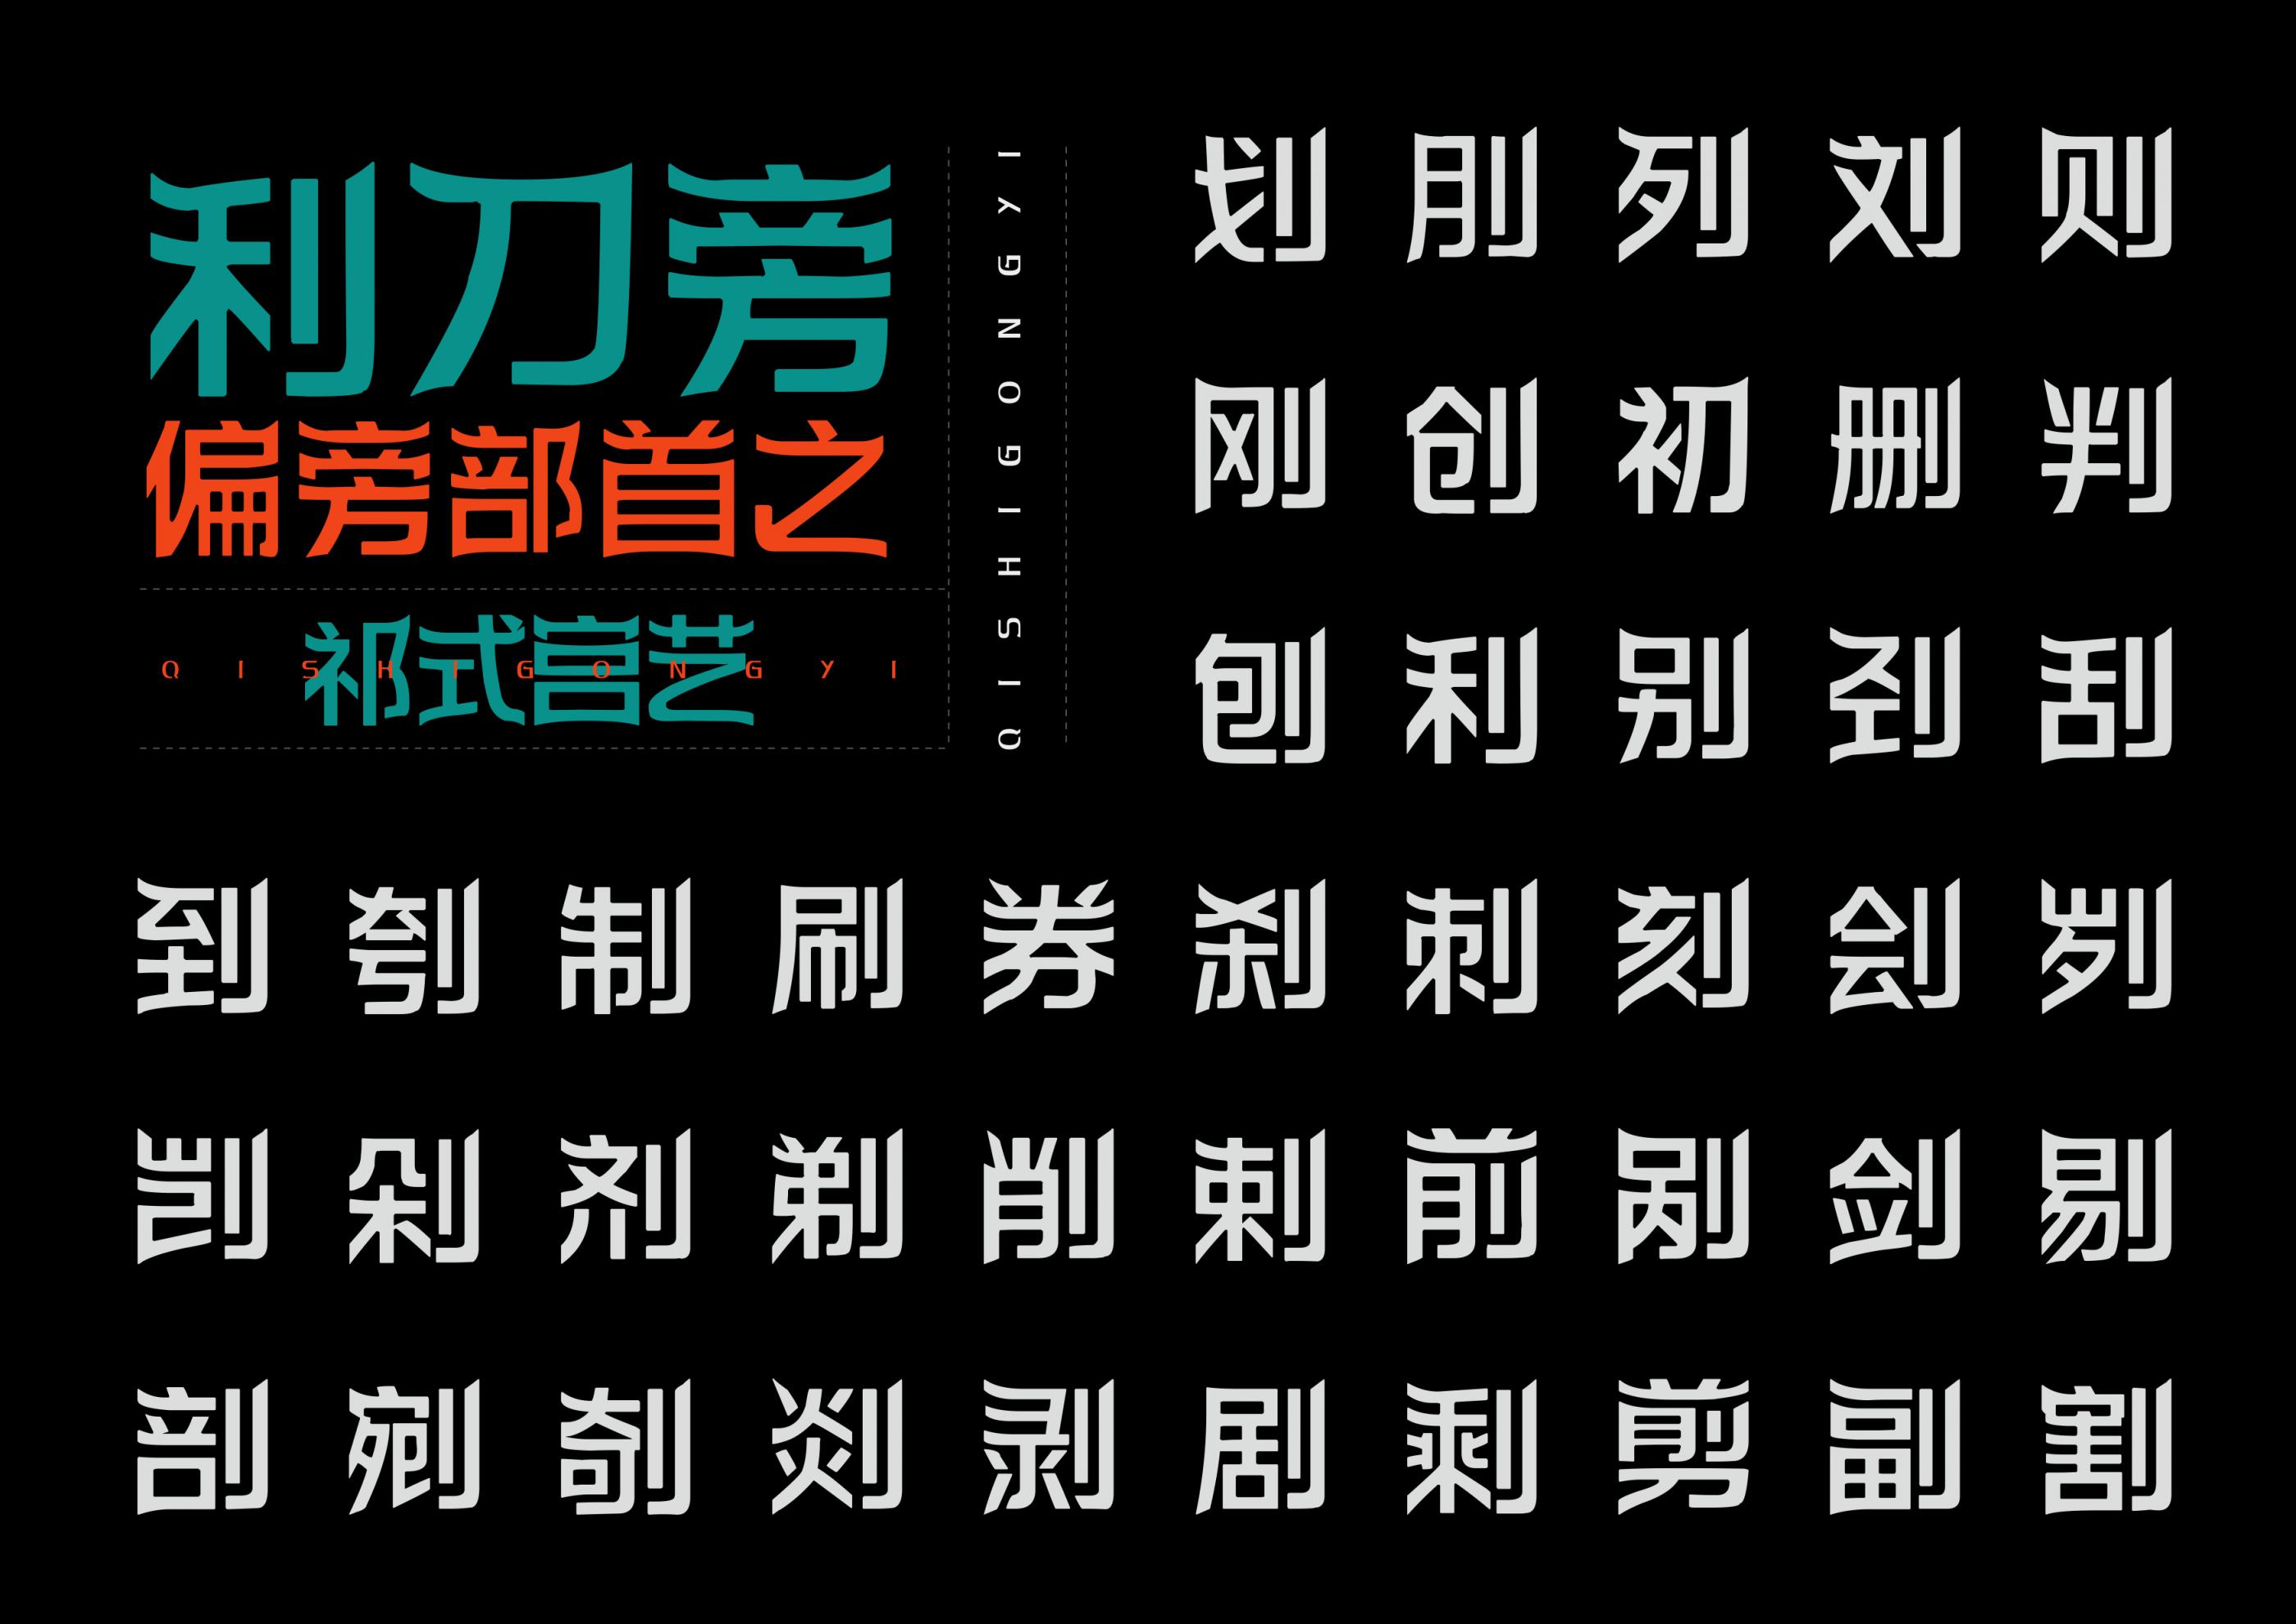 【一祁造字】祁式宫艺体